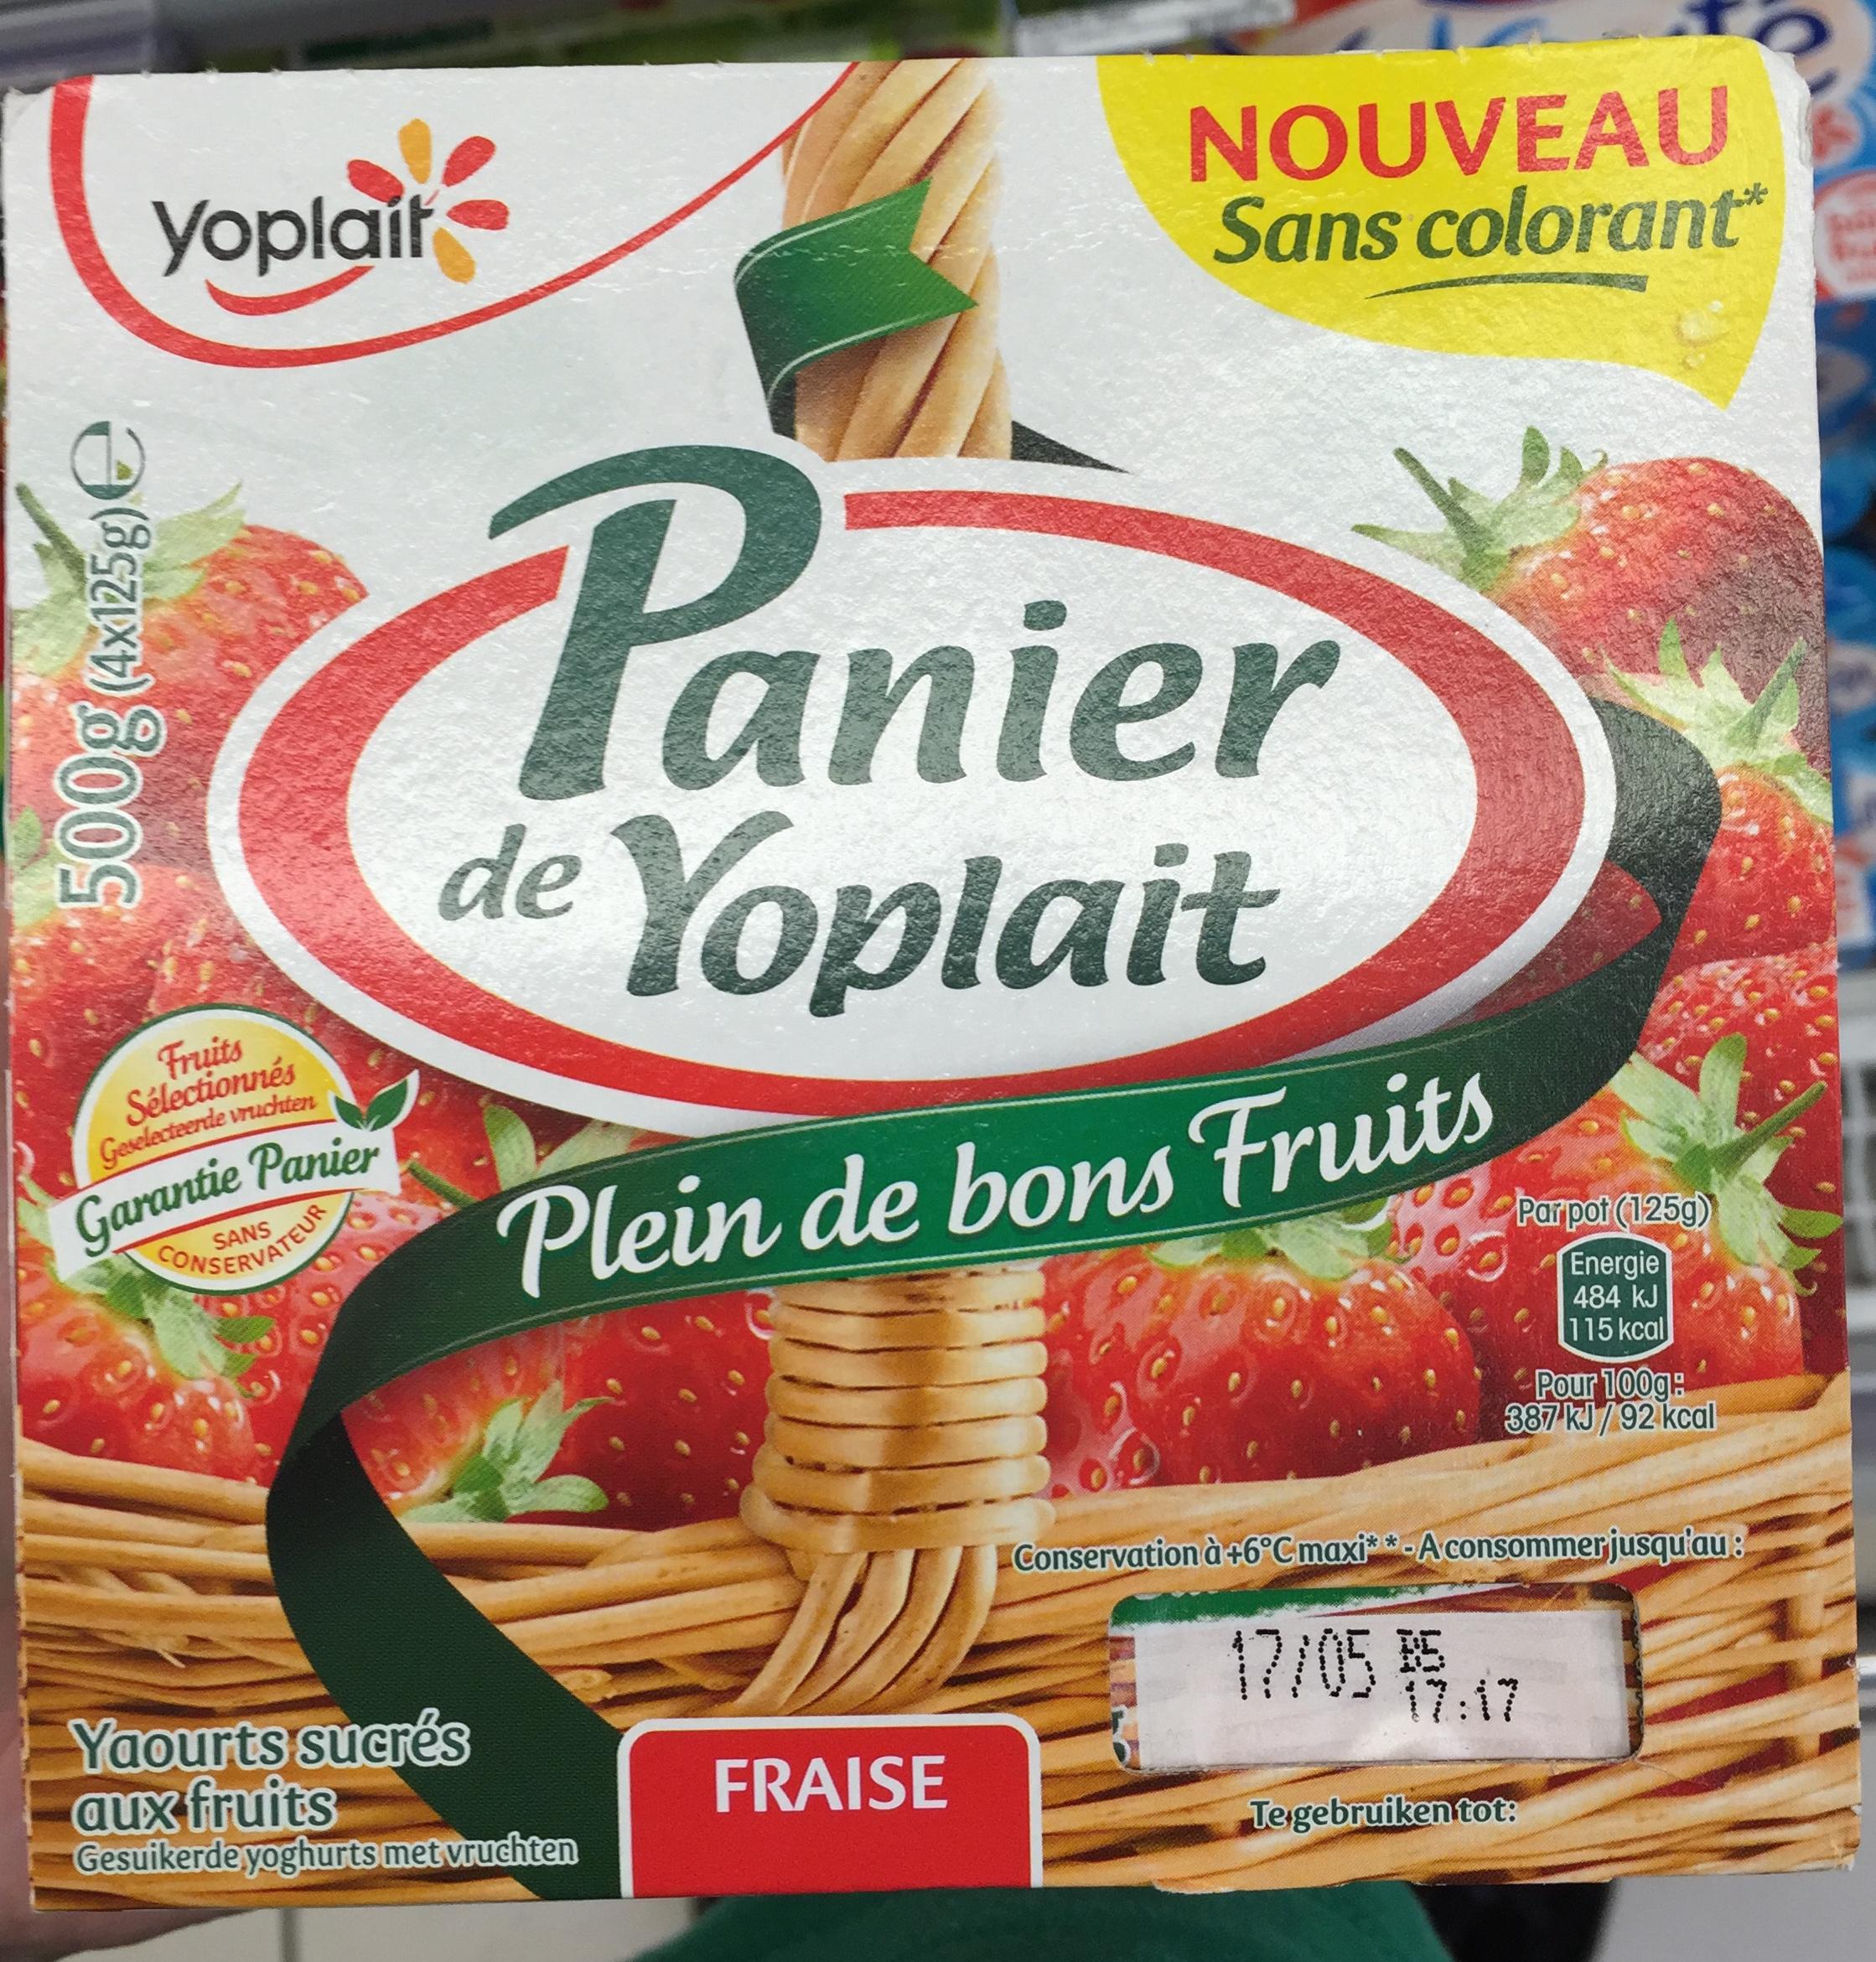 Panier de Yoplait Fraise - Product